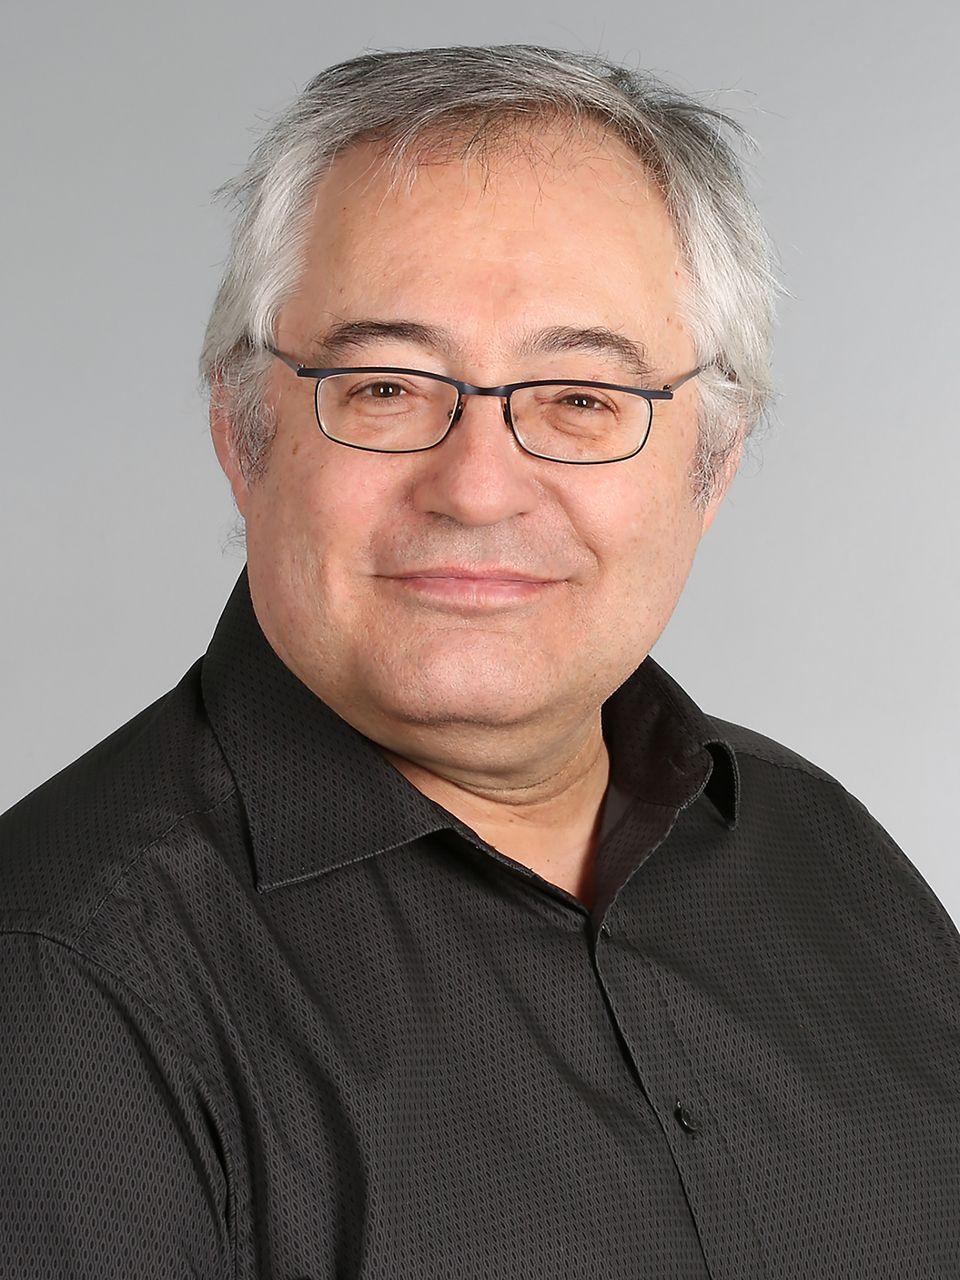 Ruedi Singer